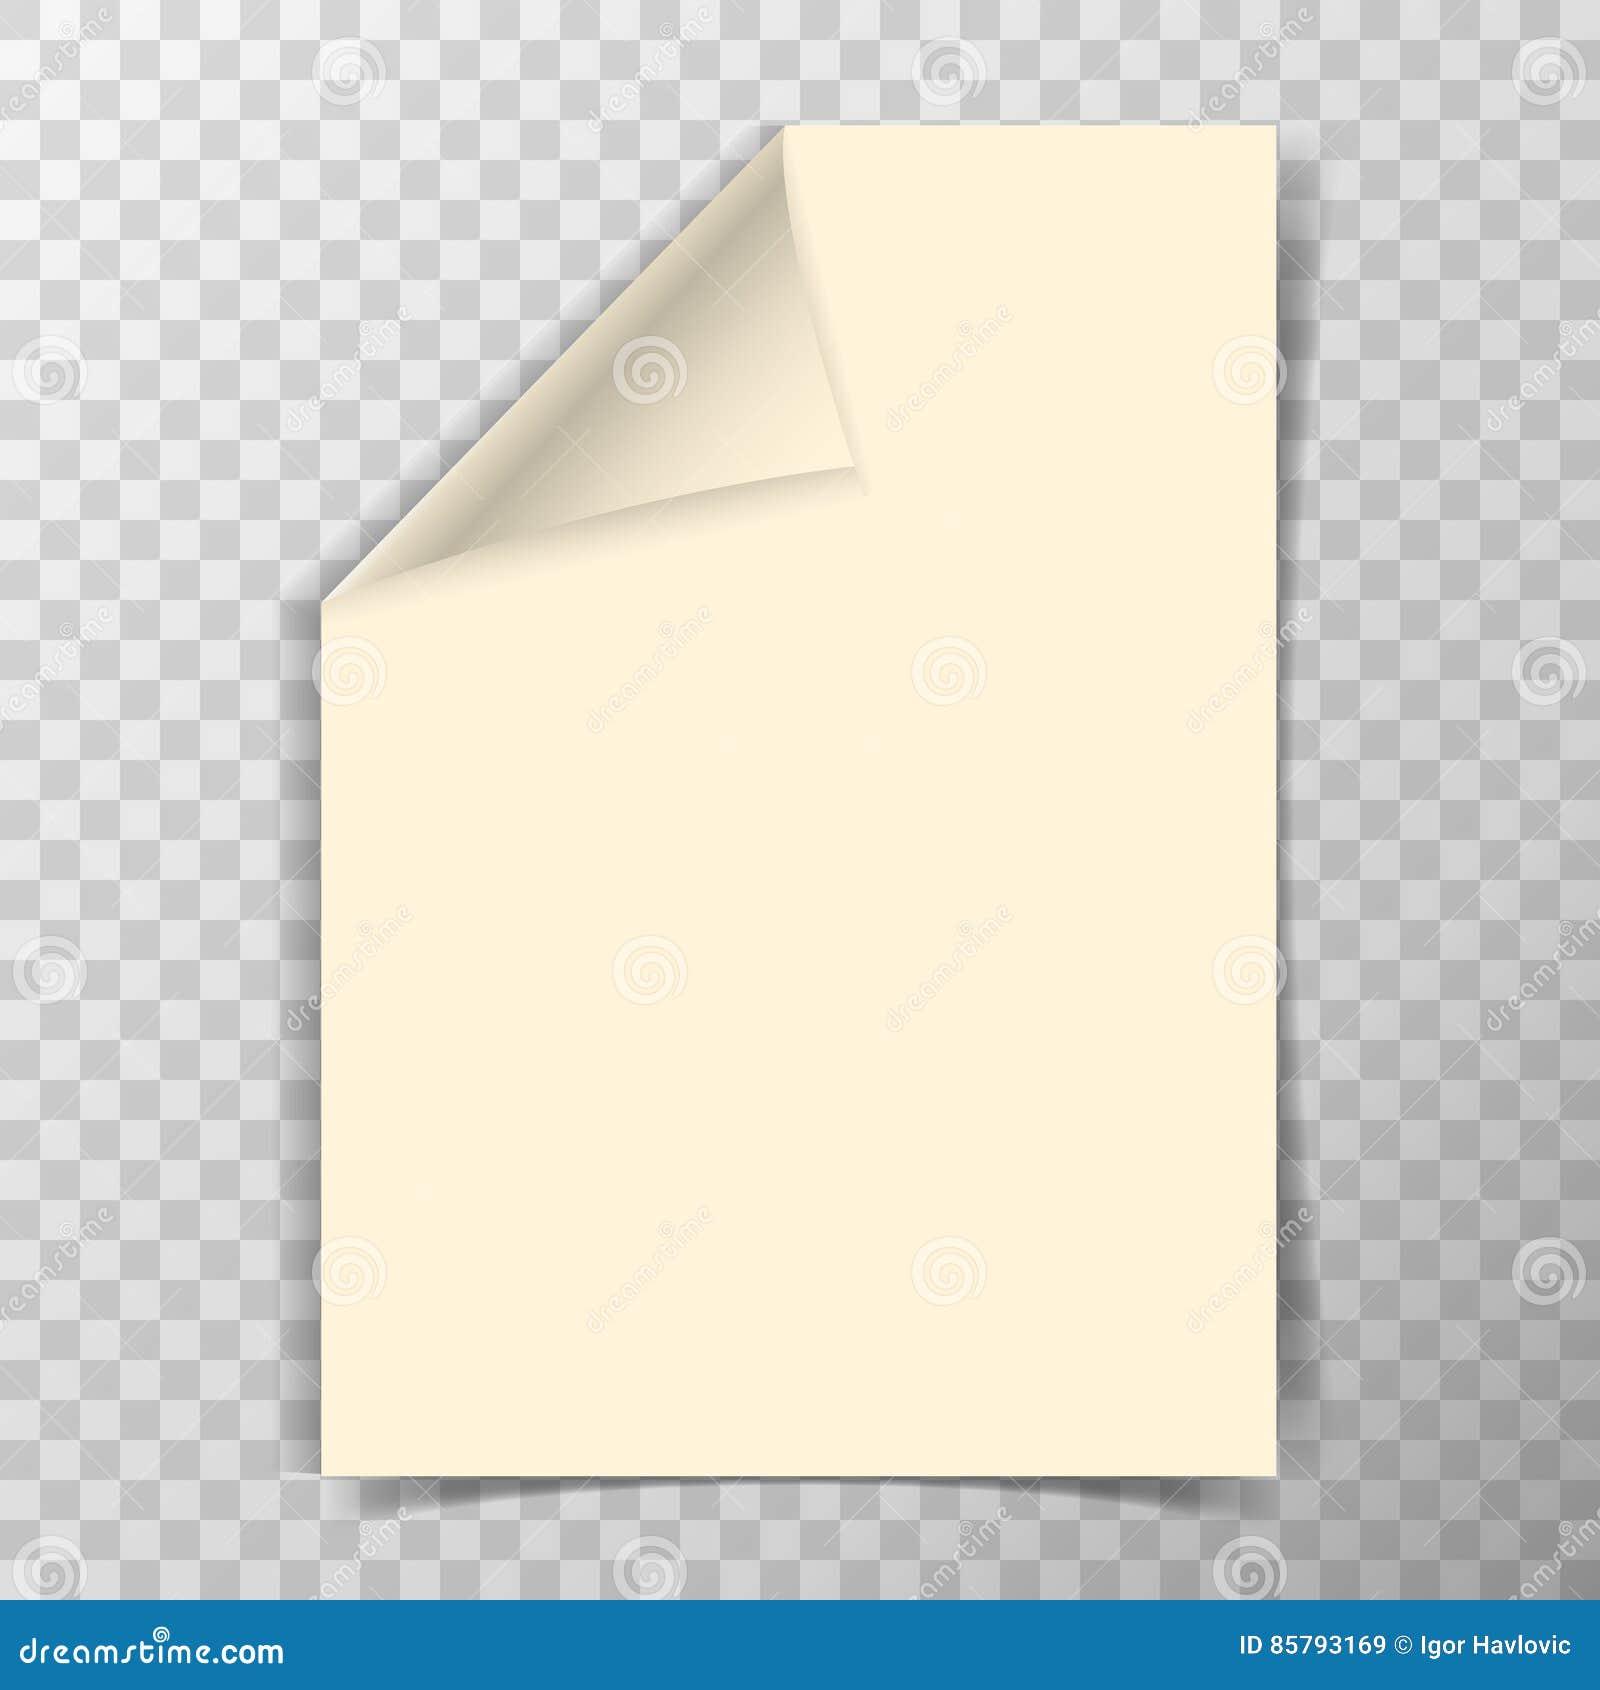 Feuille pliée du papier a4 sur le fond transparent